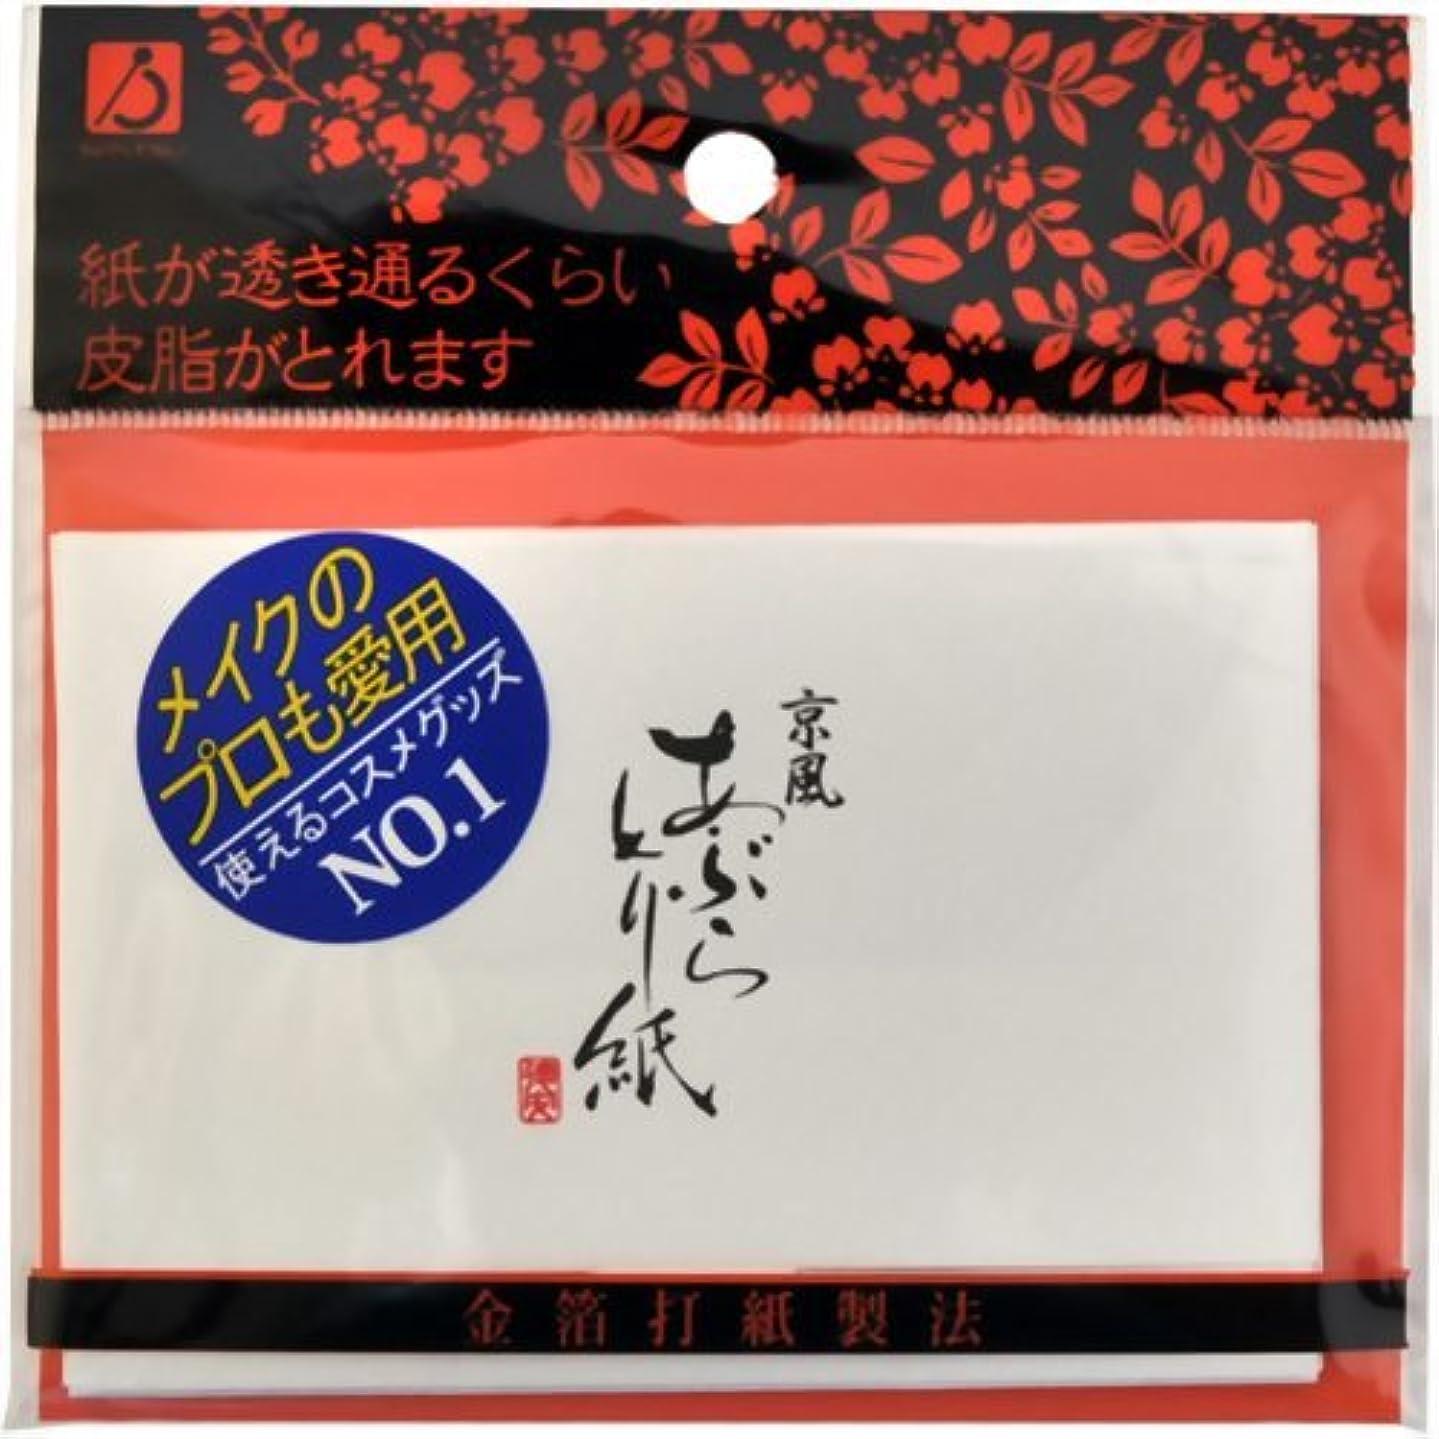 びっくりしたプラカードマインドFP-381 京風あぶらとり紙 45枚